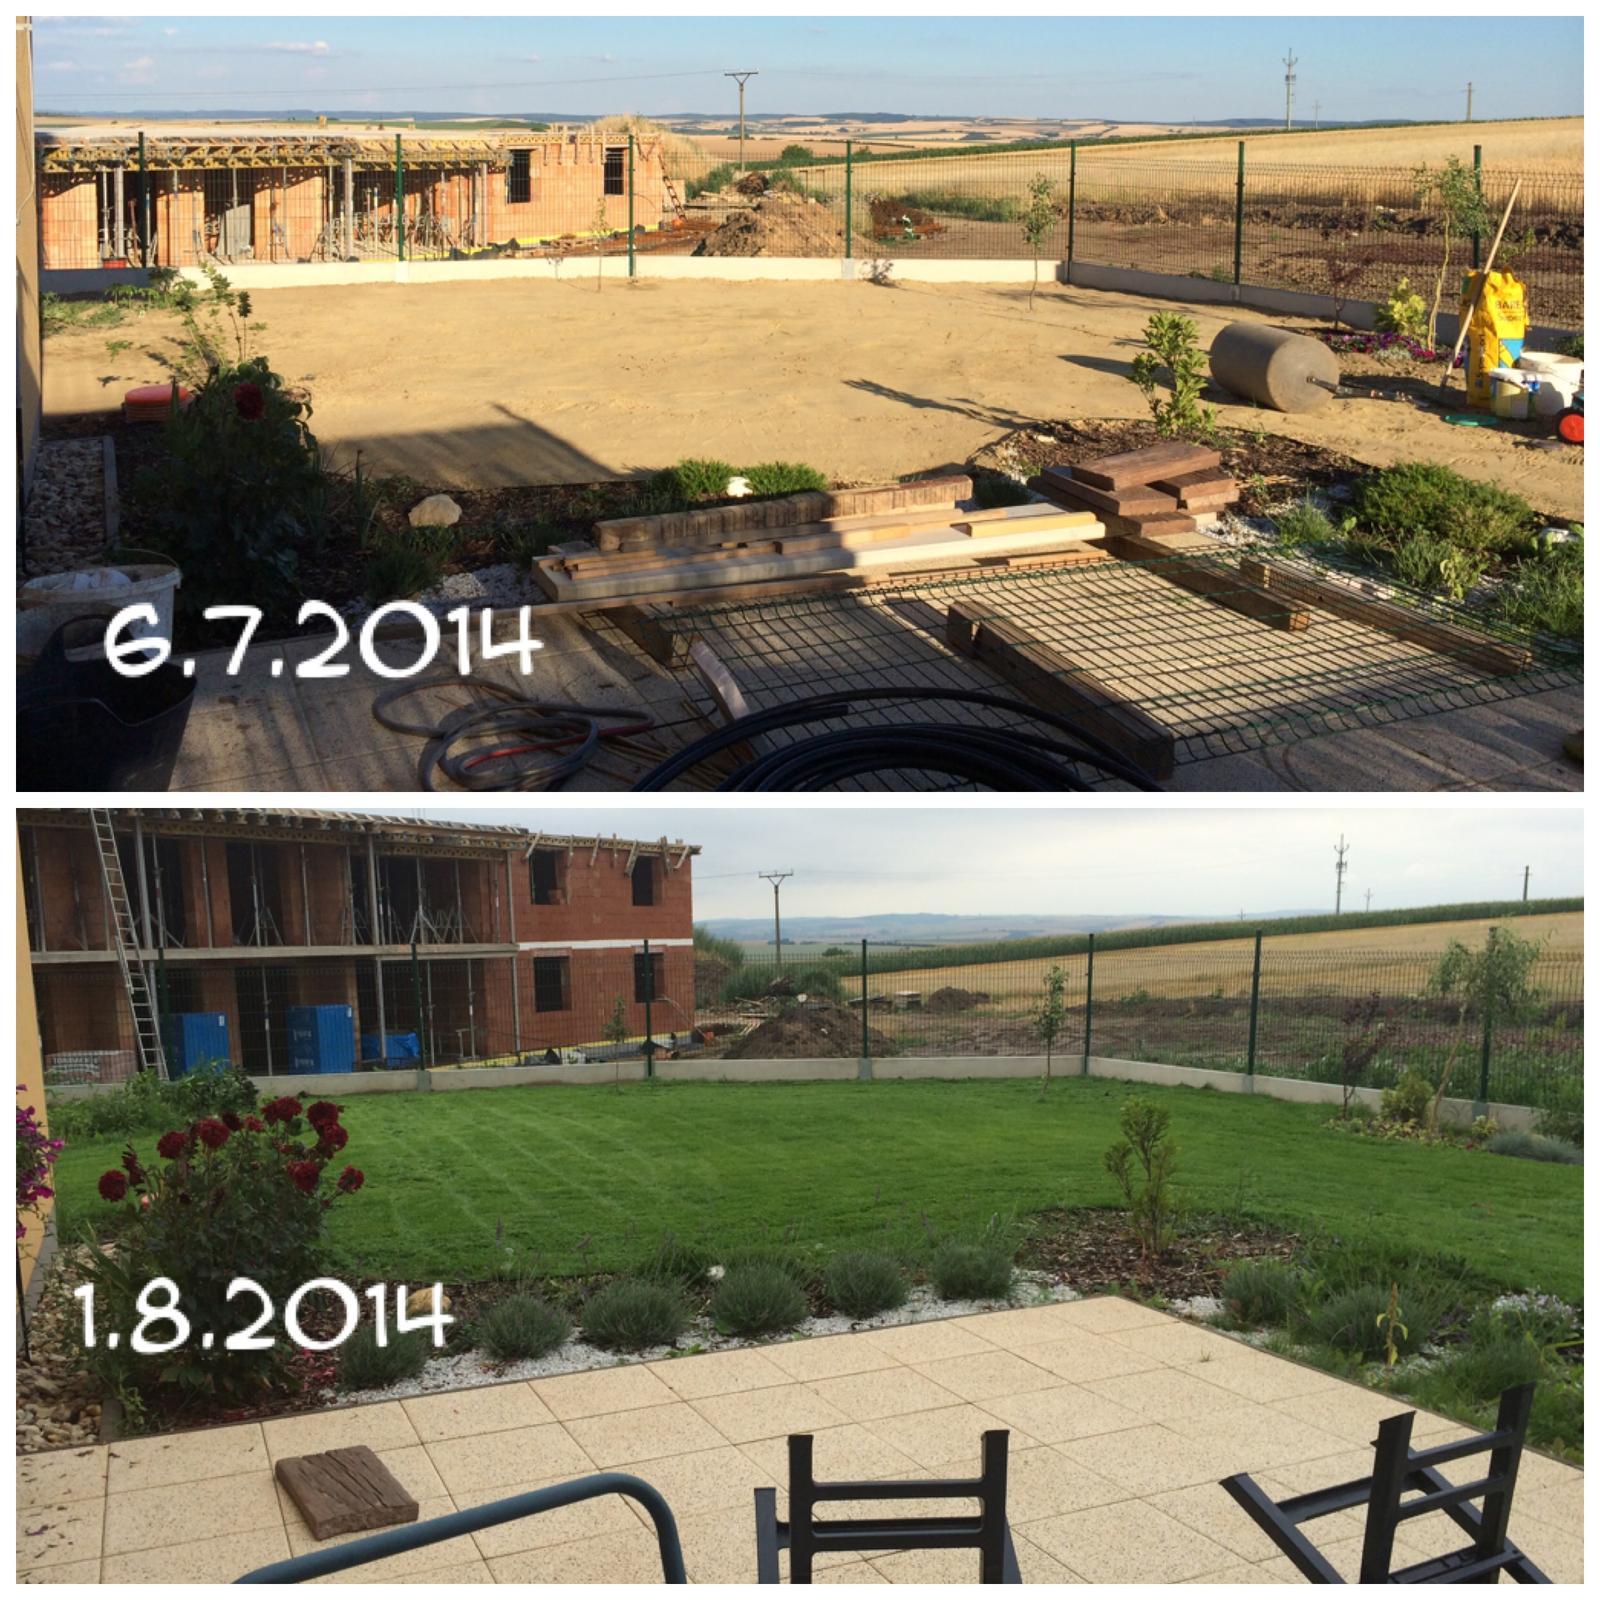 Zahradka nasa 2015 - konecne normalna zahrada :)